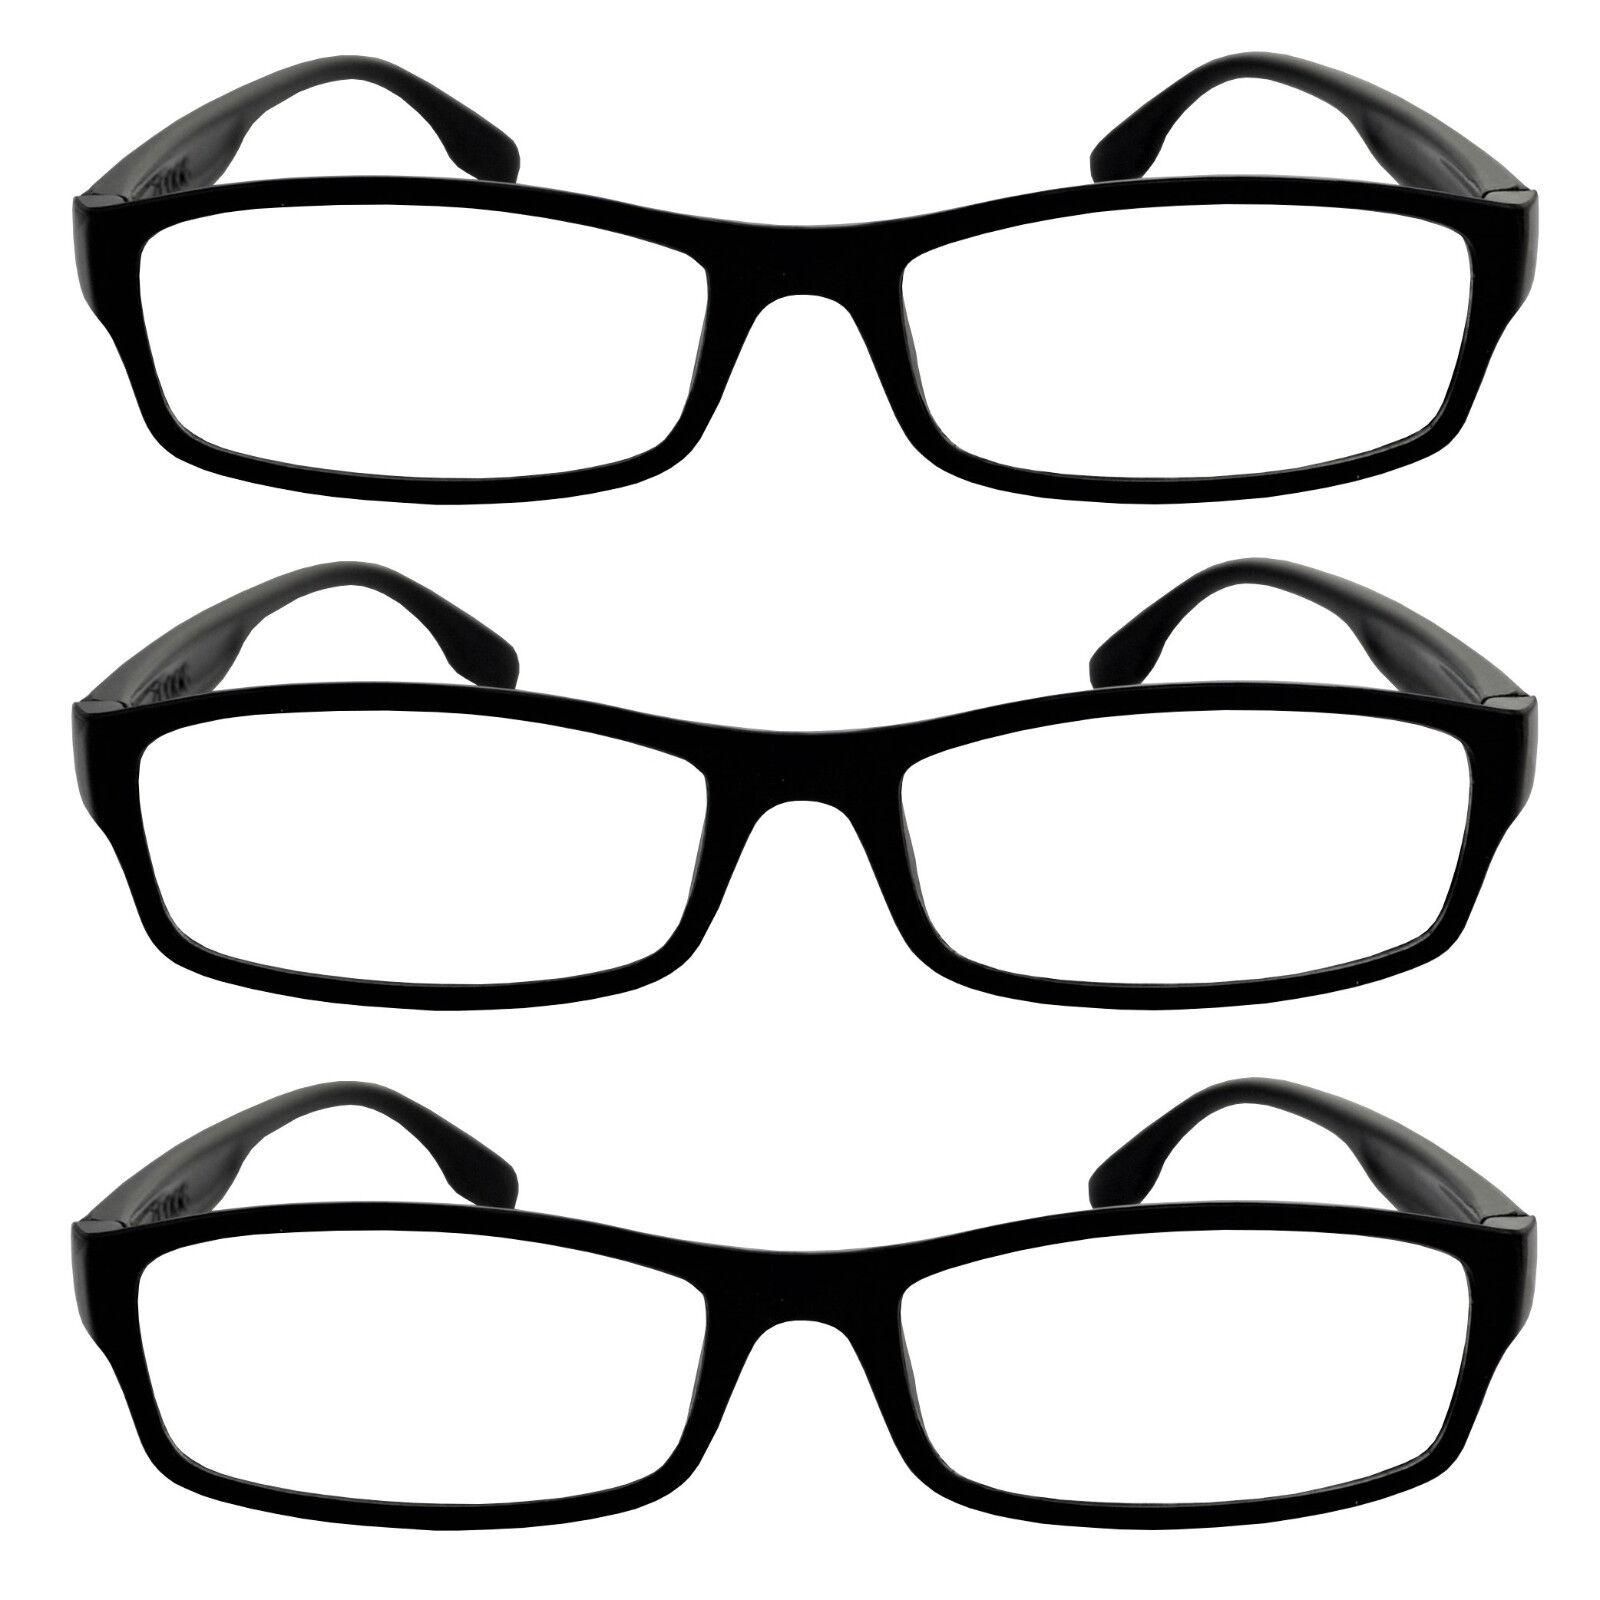 schwarze moderne Unisex Lesebrillen Set wahl 1-3-5-7-10-20 Stk